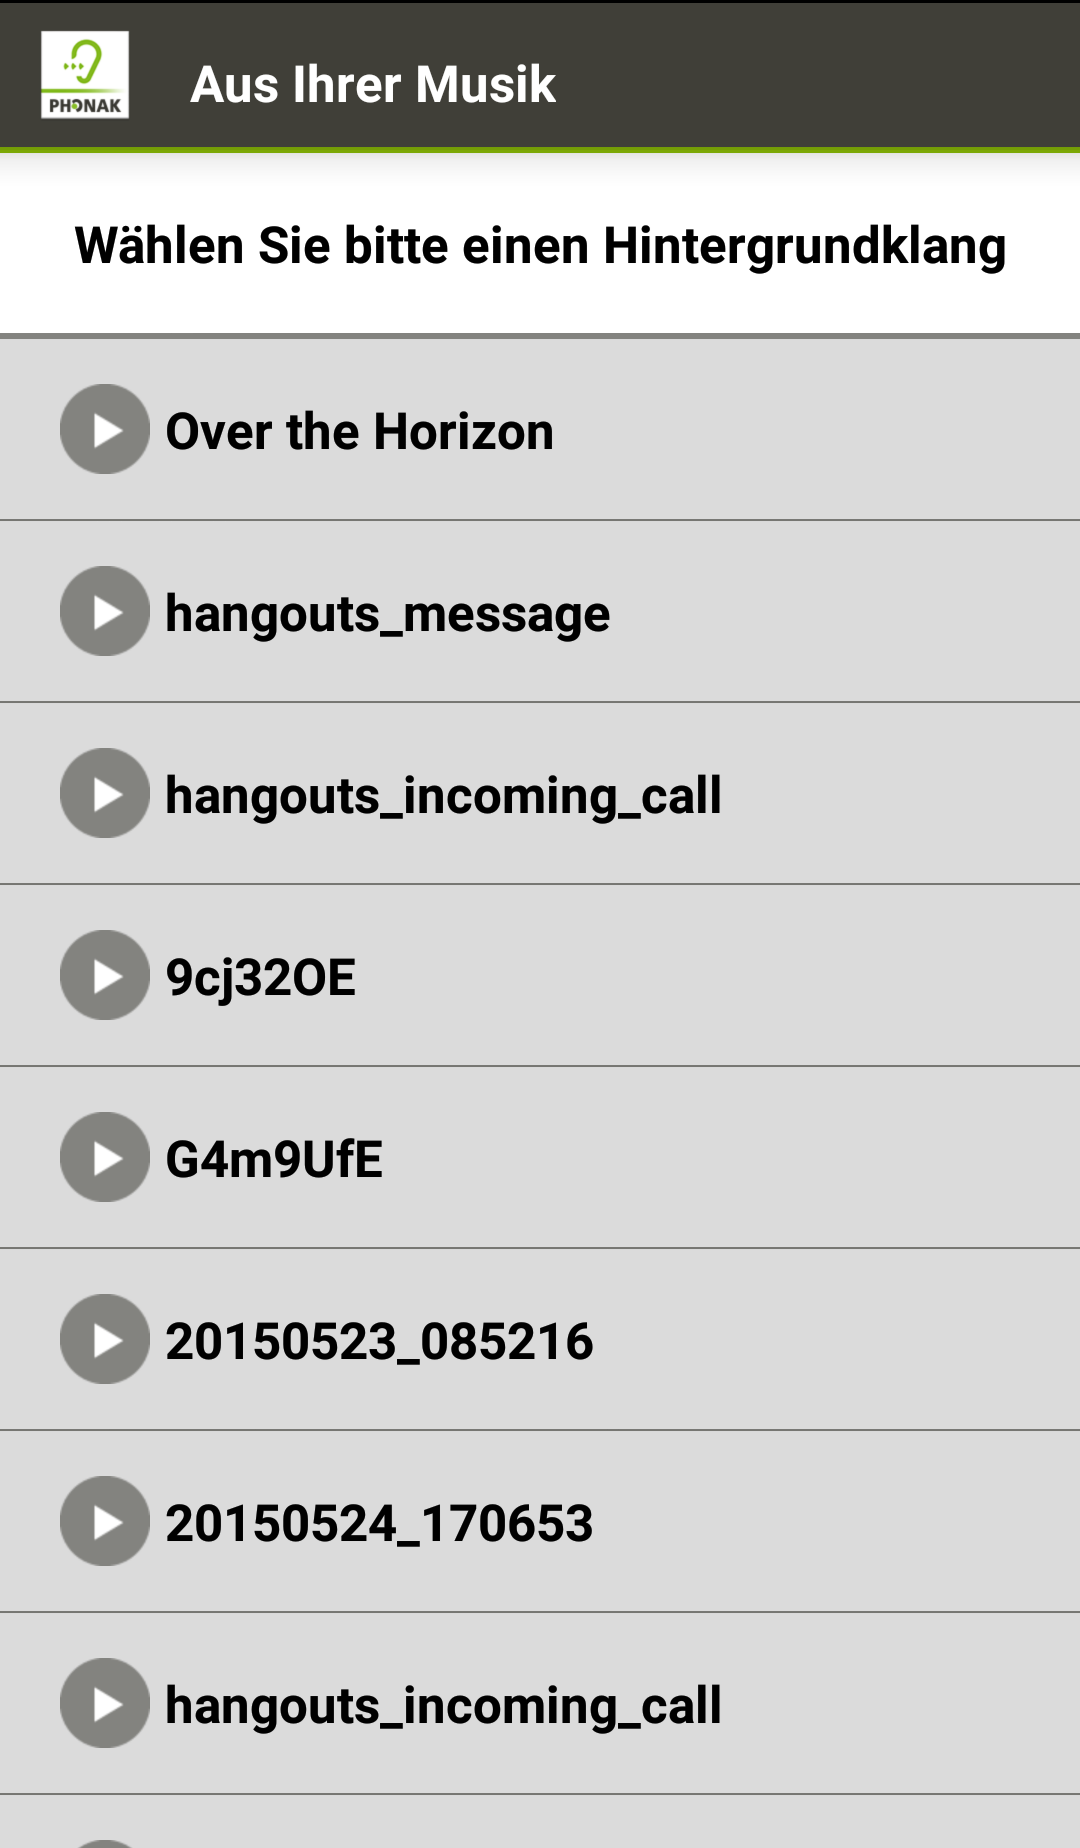 Jeder beliebige Klang aus Ihrem Telefon kann verwendet werden.